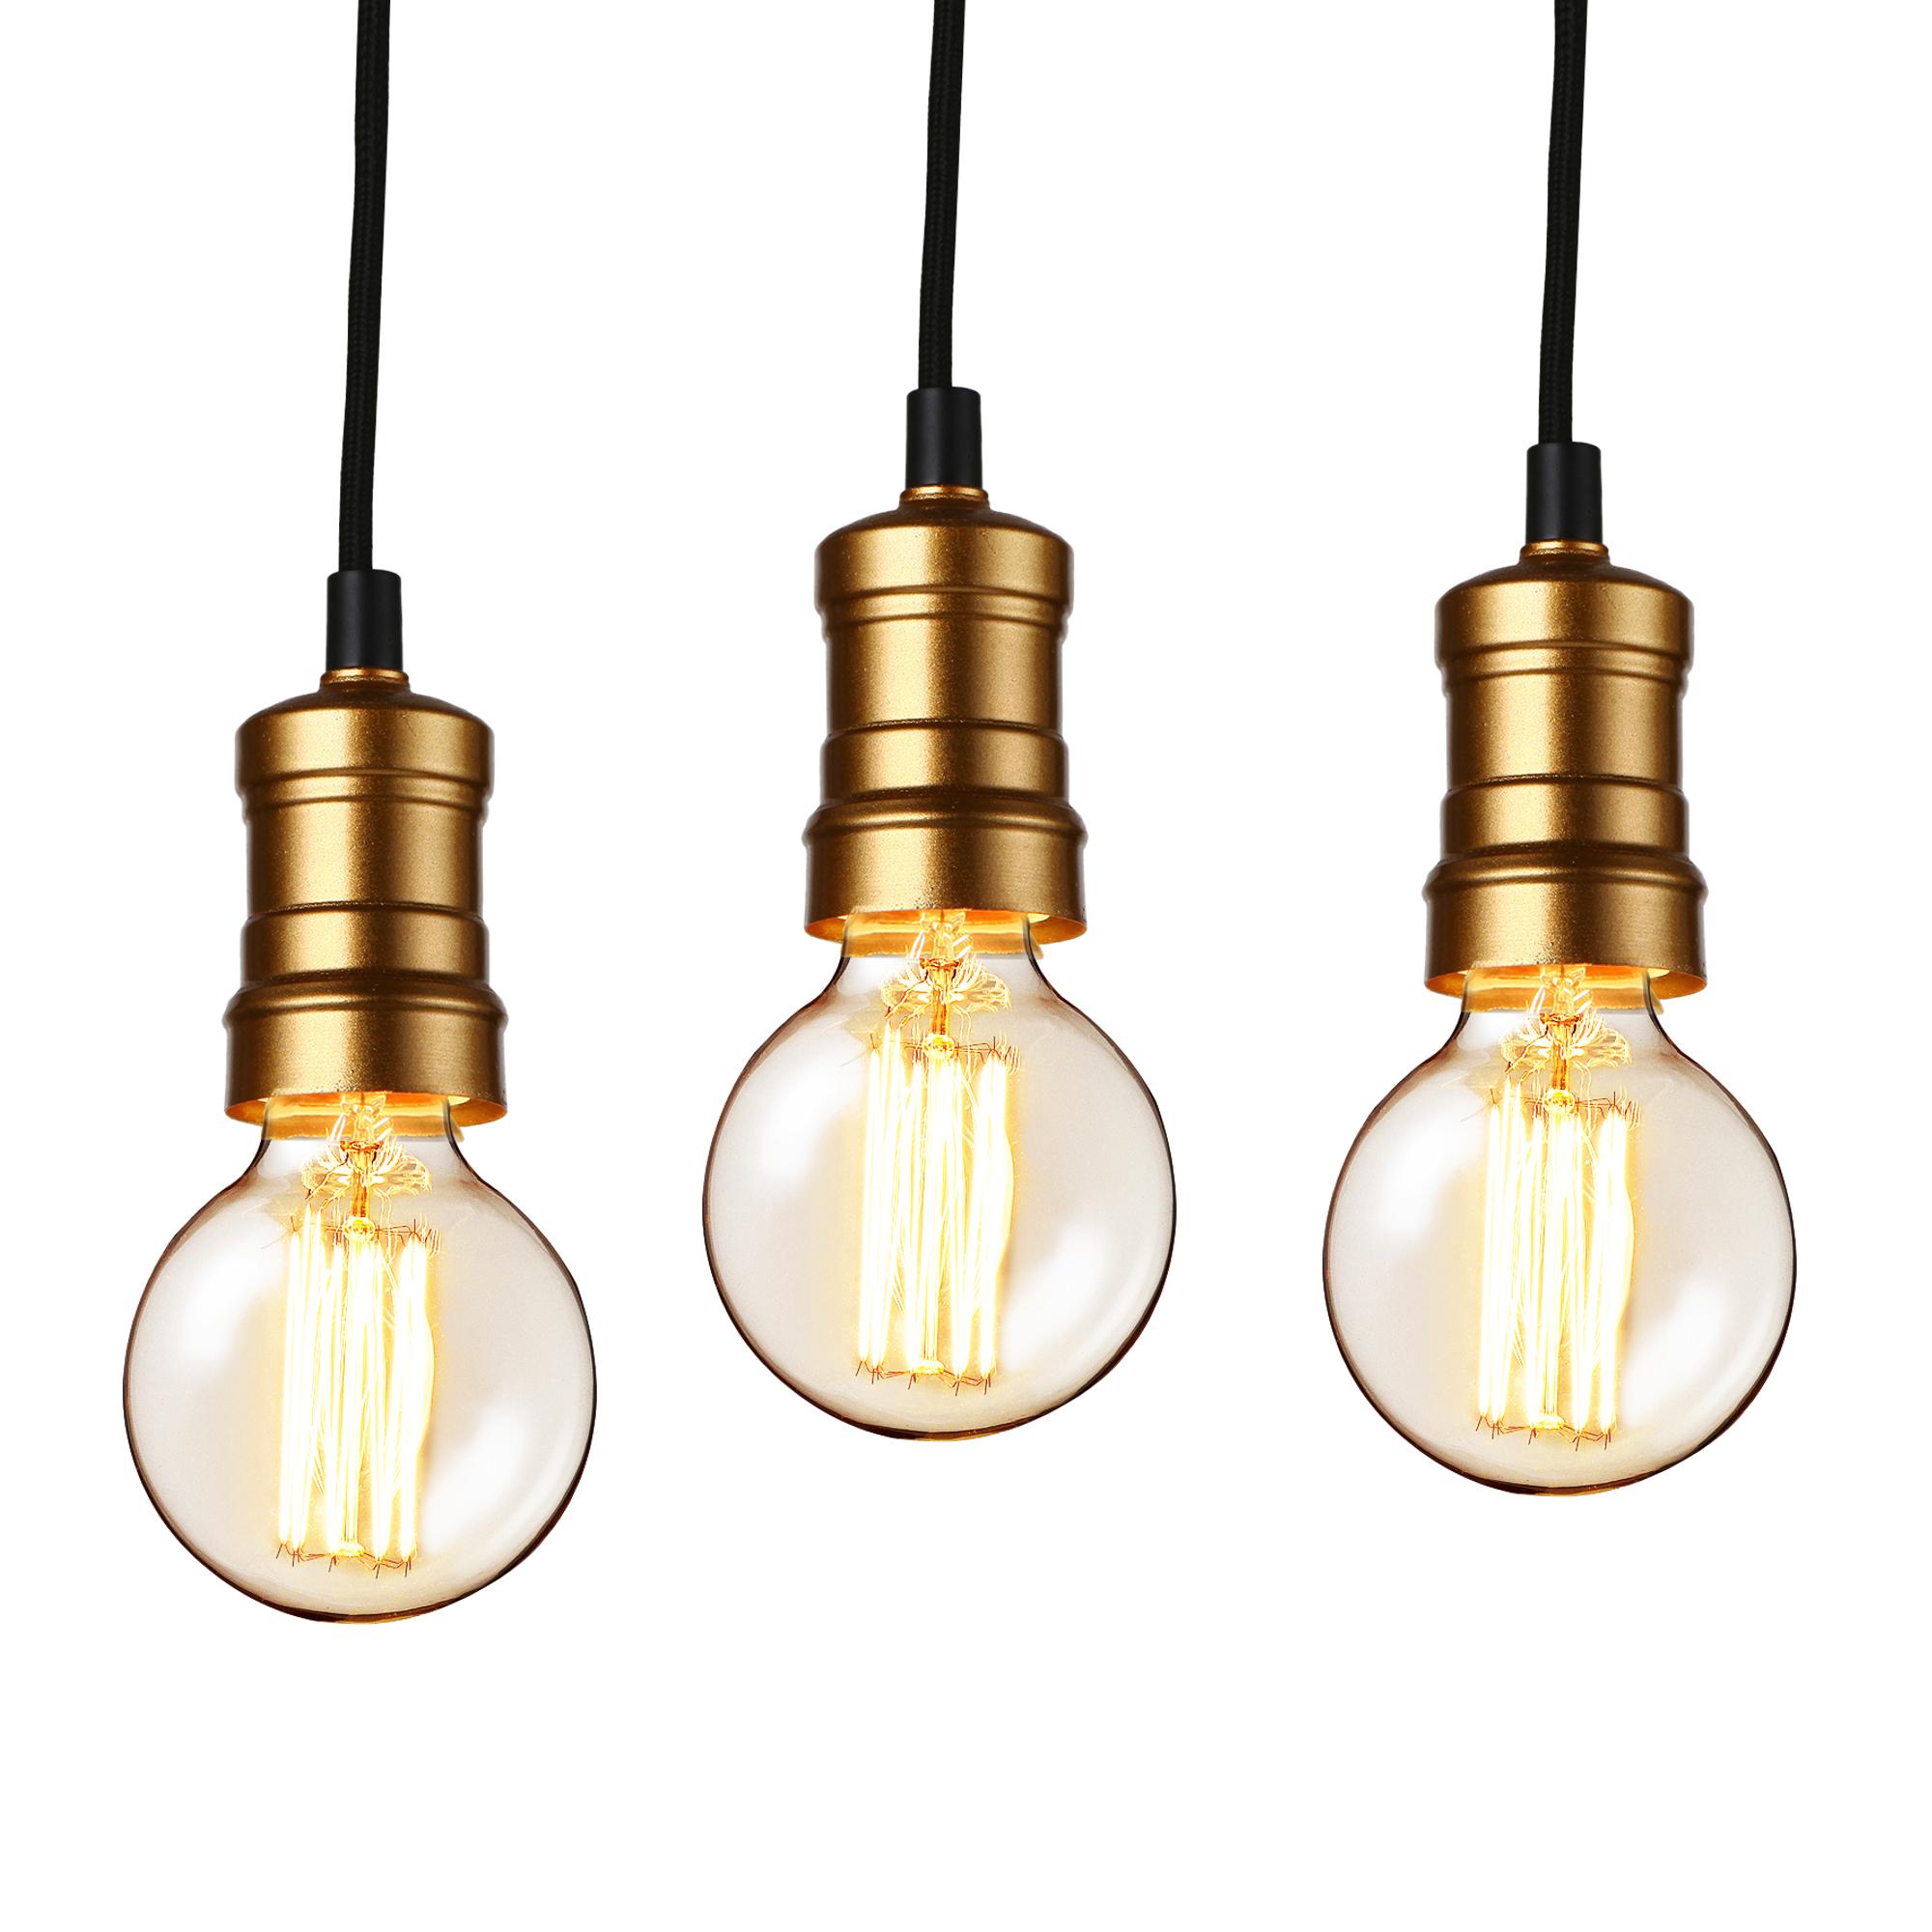 [lux.pro]® Dekoratívní designové závěsné svítidlo / stropní svítidlo - černá / měď (3 x E27)